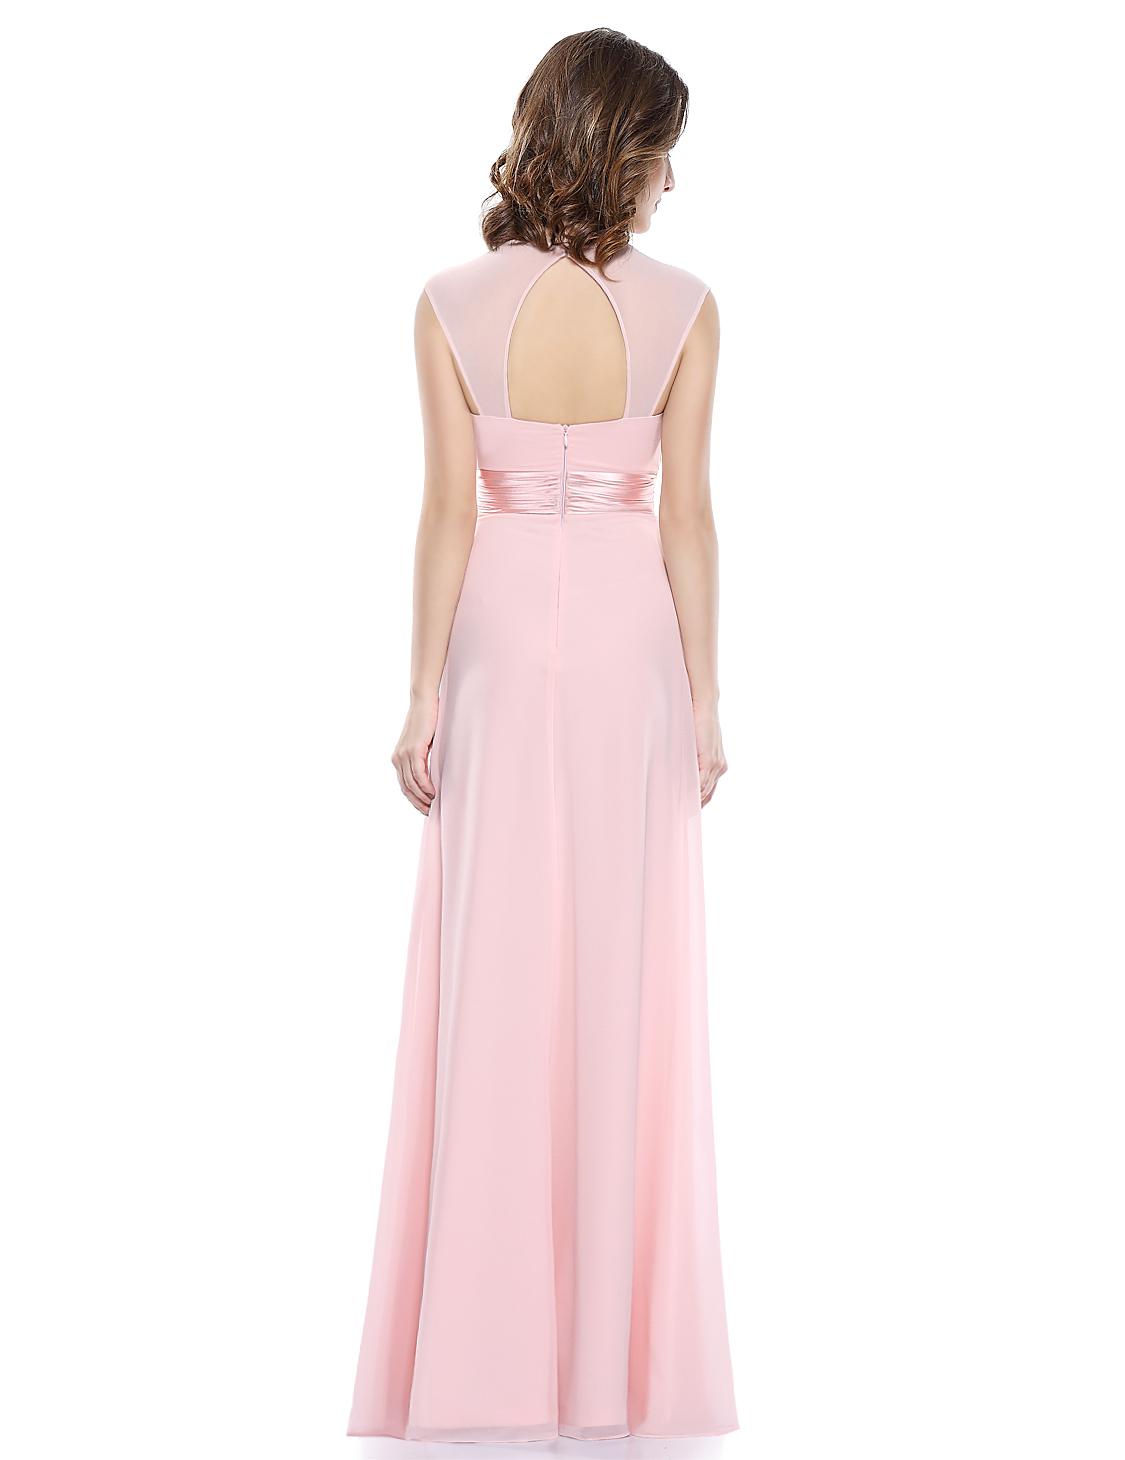 Růžové dlouhé společenské šaty pro svědkyni družičku na svatbu 38-40 ... 06e8a19917